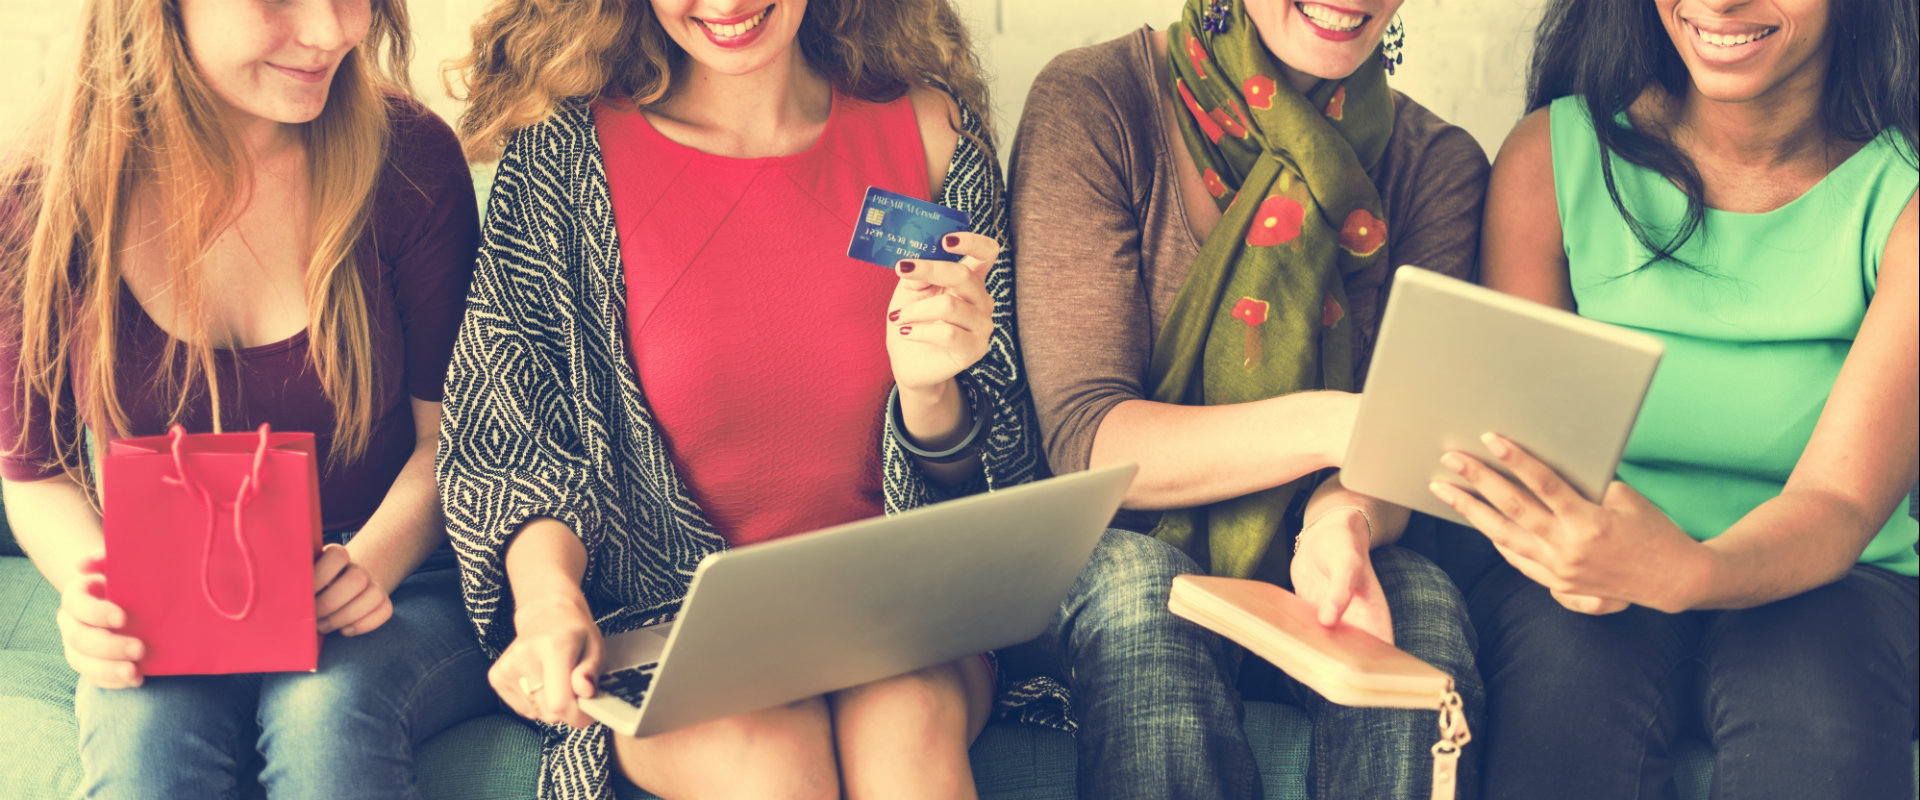 Mujeres sentadas juntos su computadora compranod